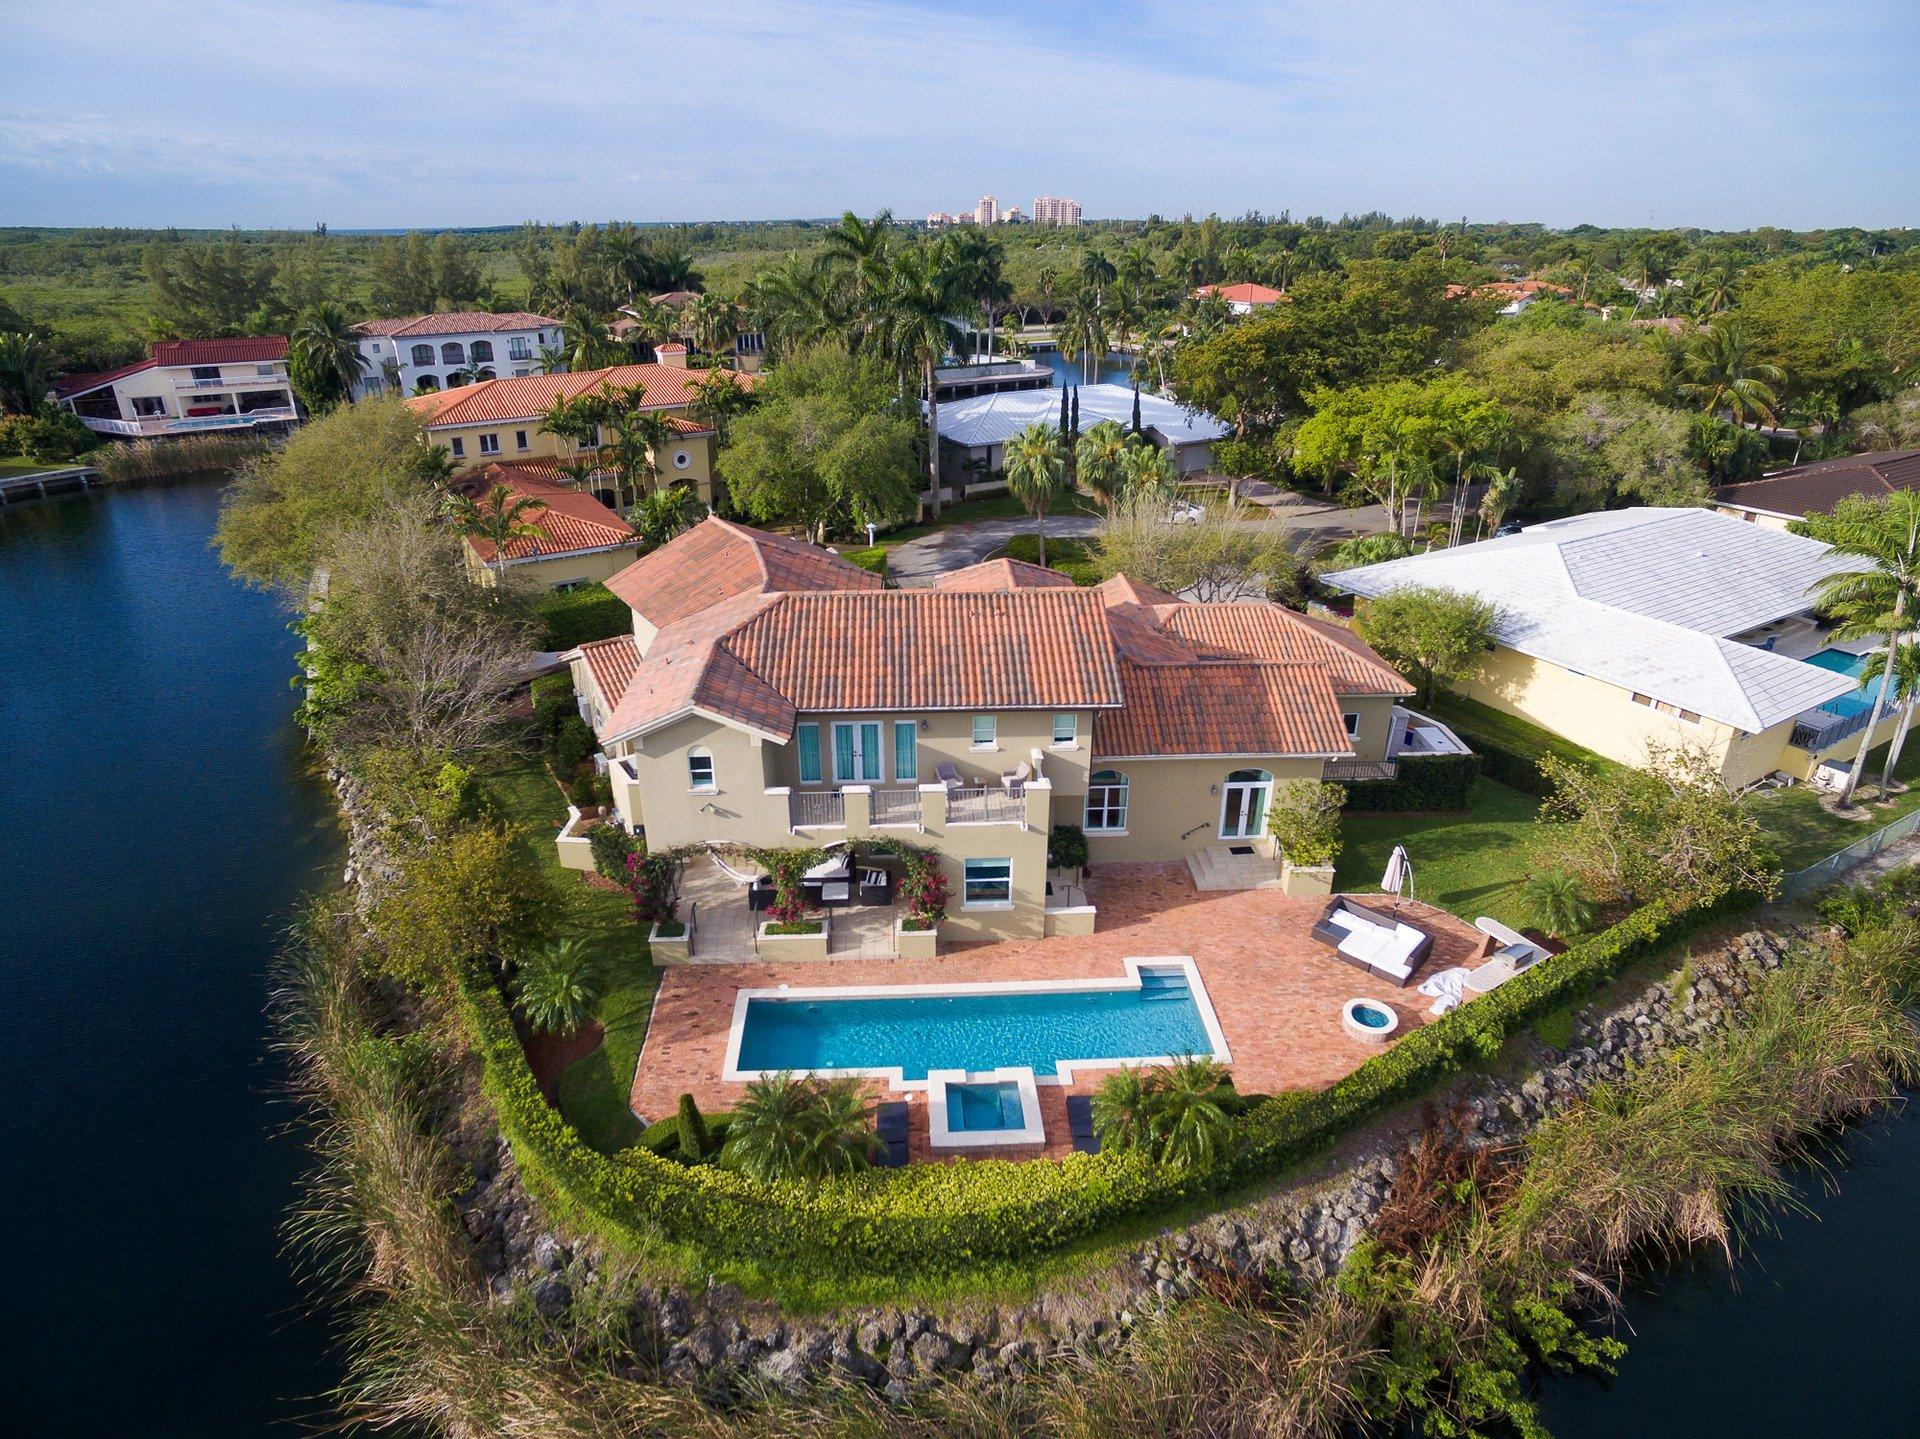 A South Florida home.